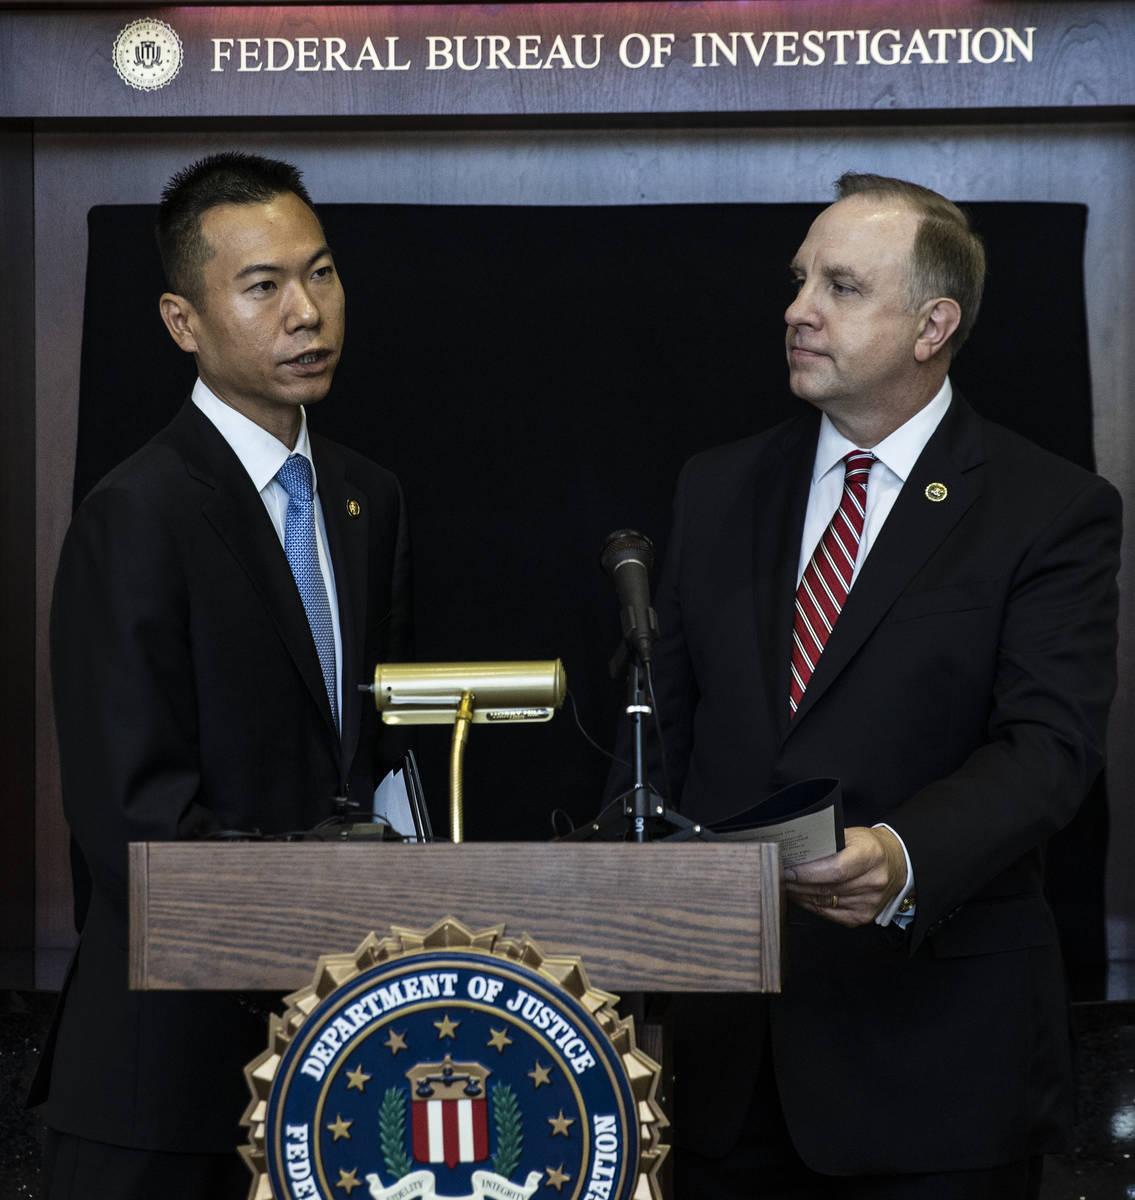 El fiscal federal en funciones Christopher Chiou, a la izquierda, habla sobre una acción globa ...